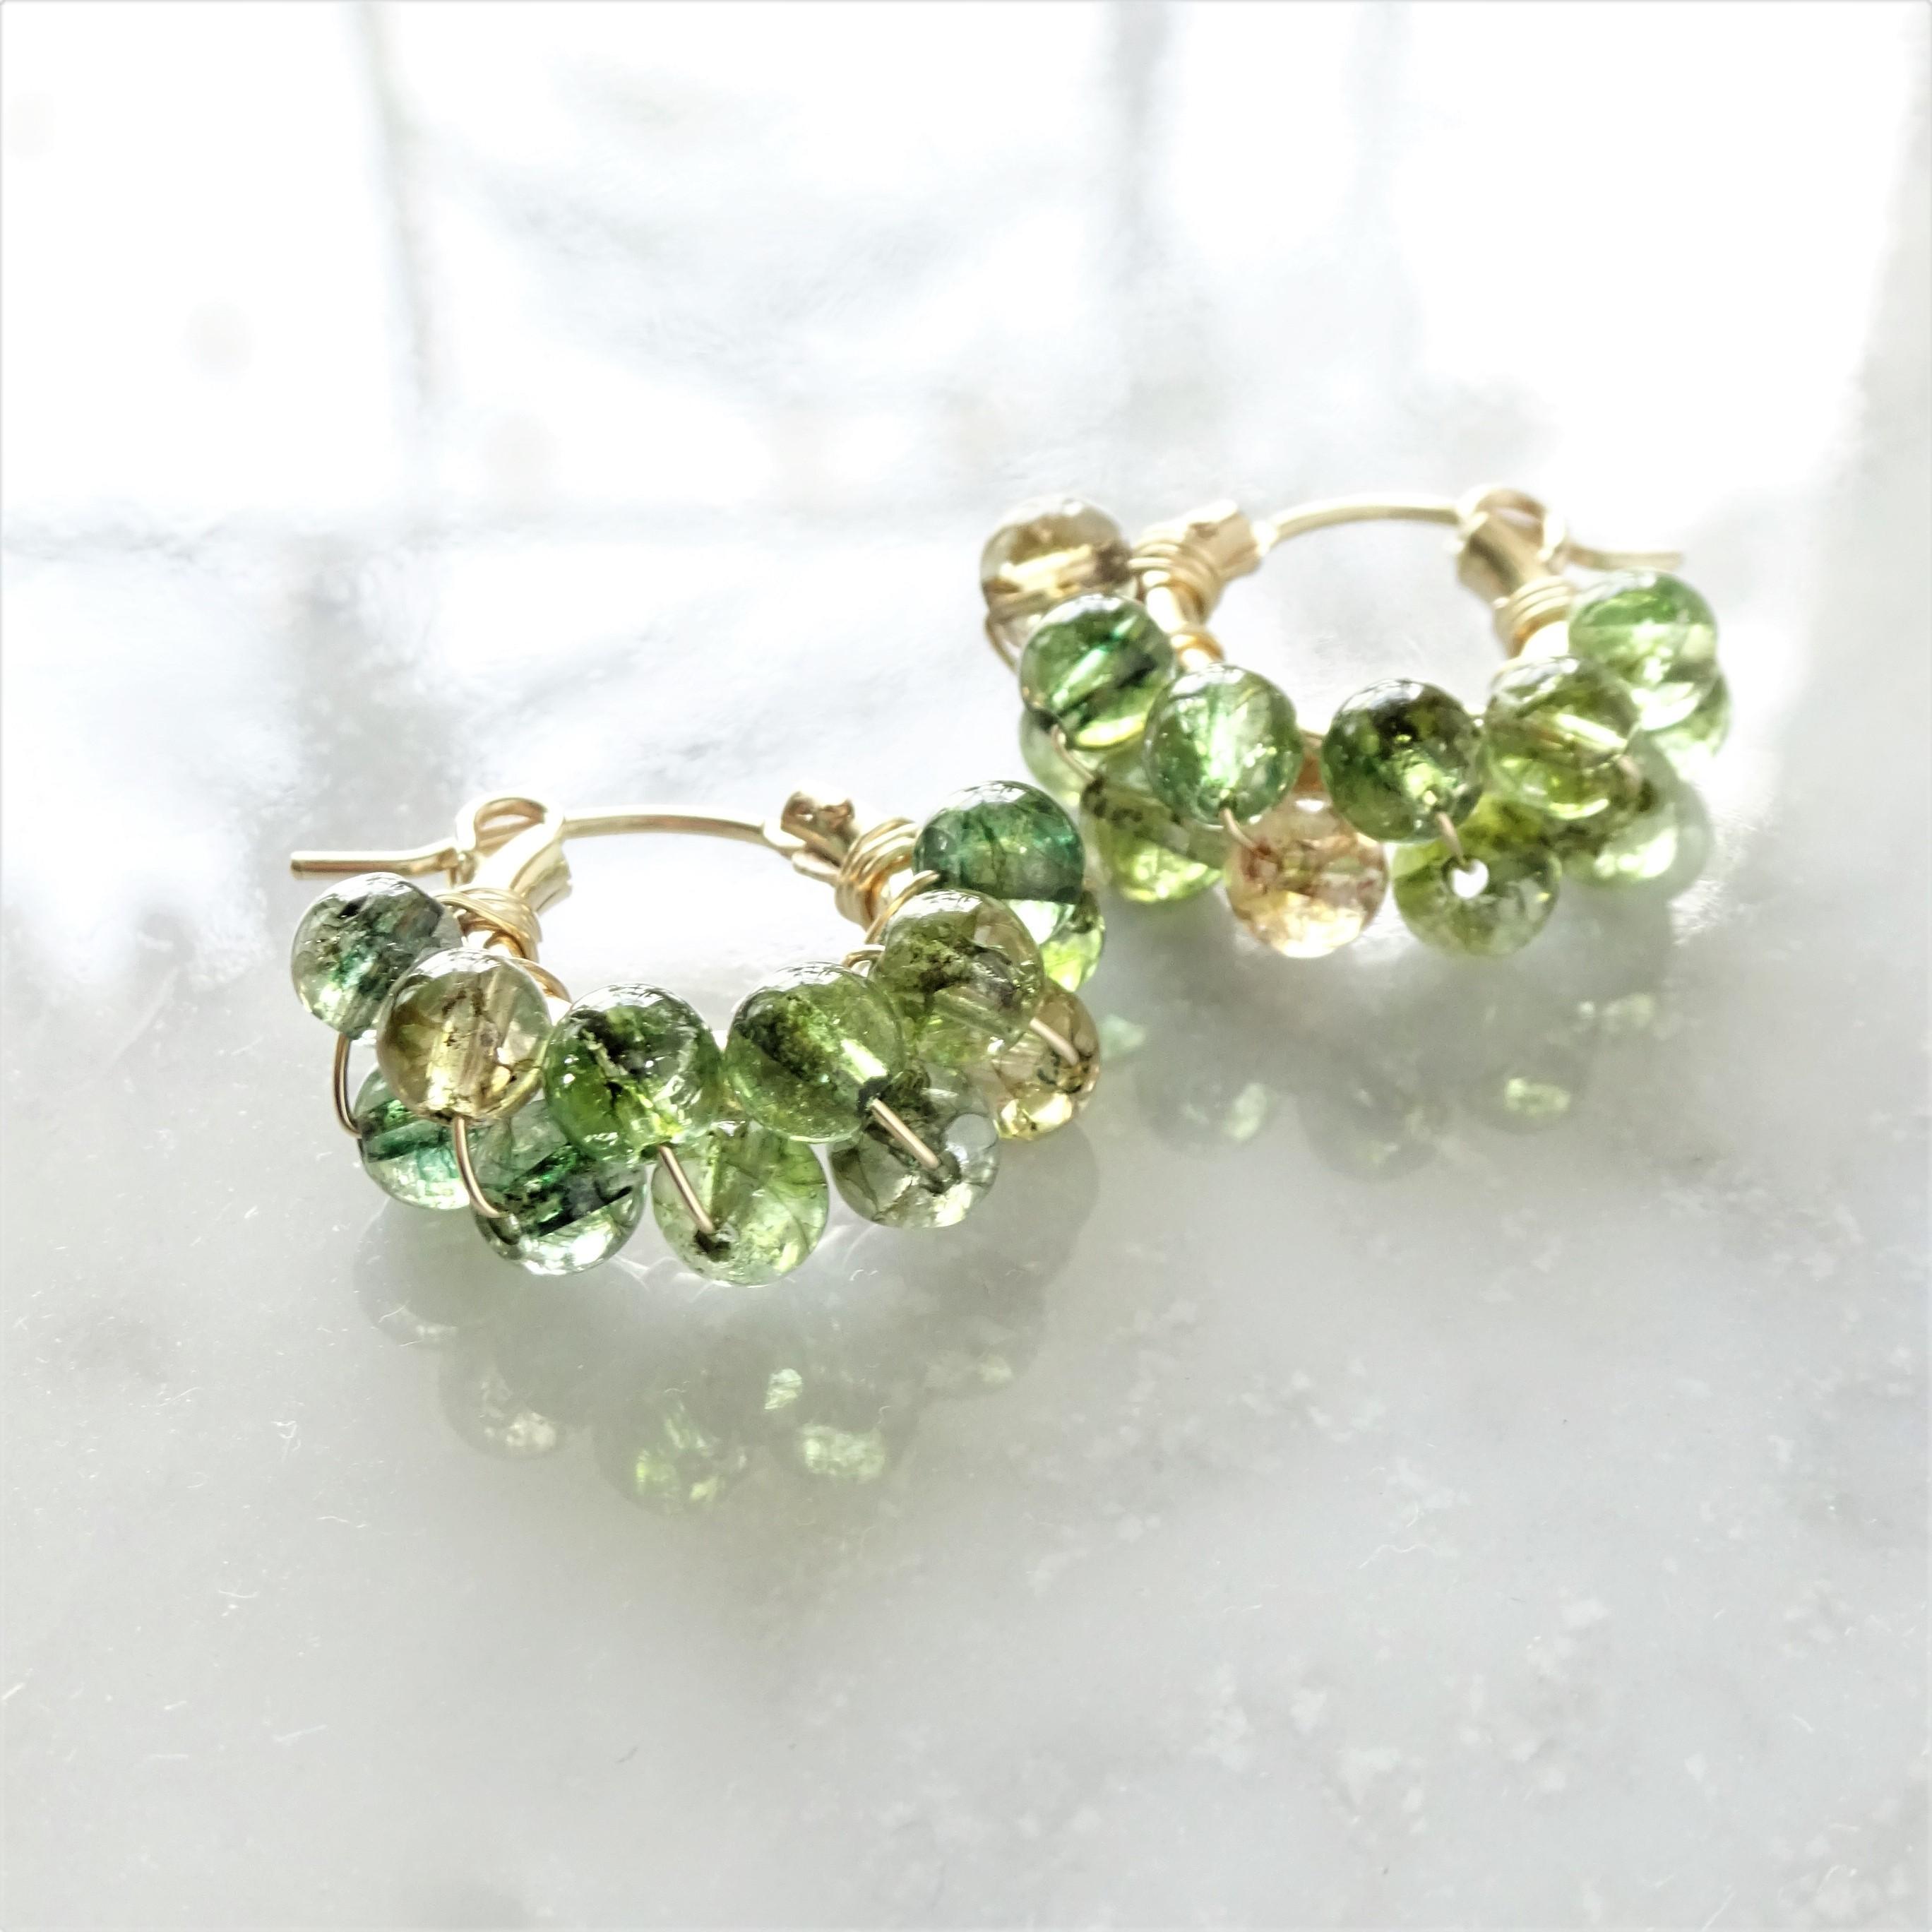 14kgf*multicolored Quartz pierced earring / earring GRN